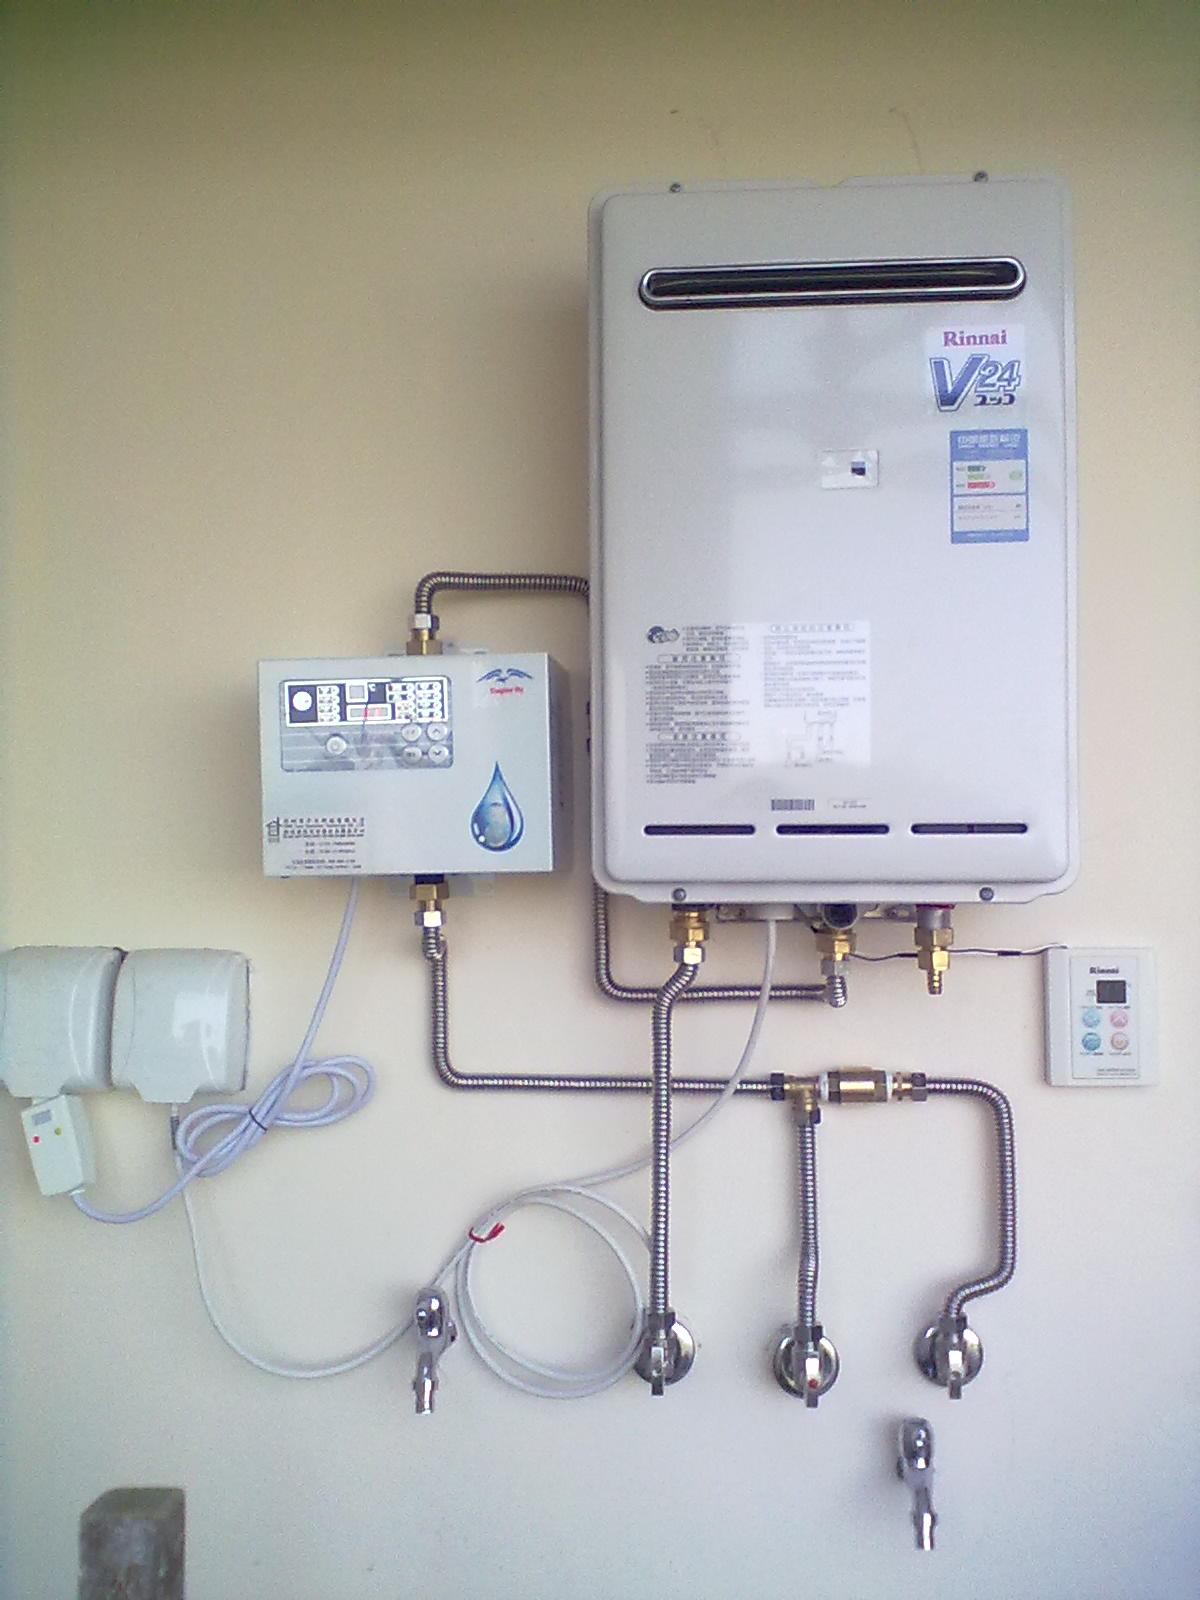 南芬壁挂炉维修电话-易修电器售后服务中心